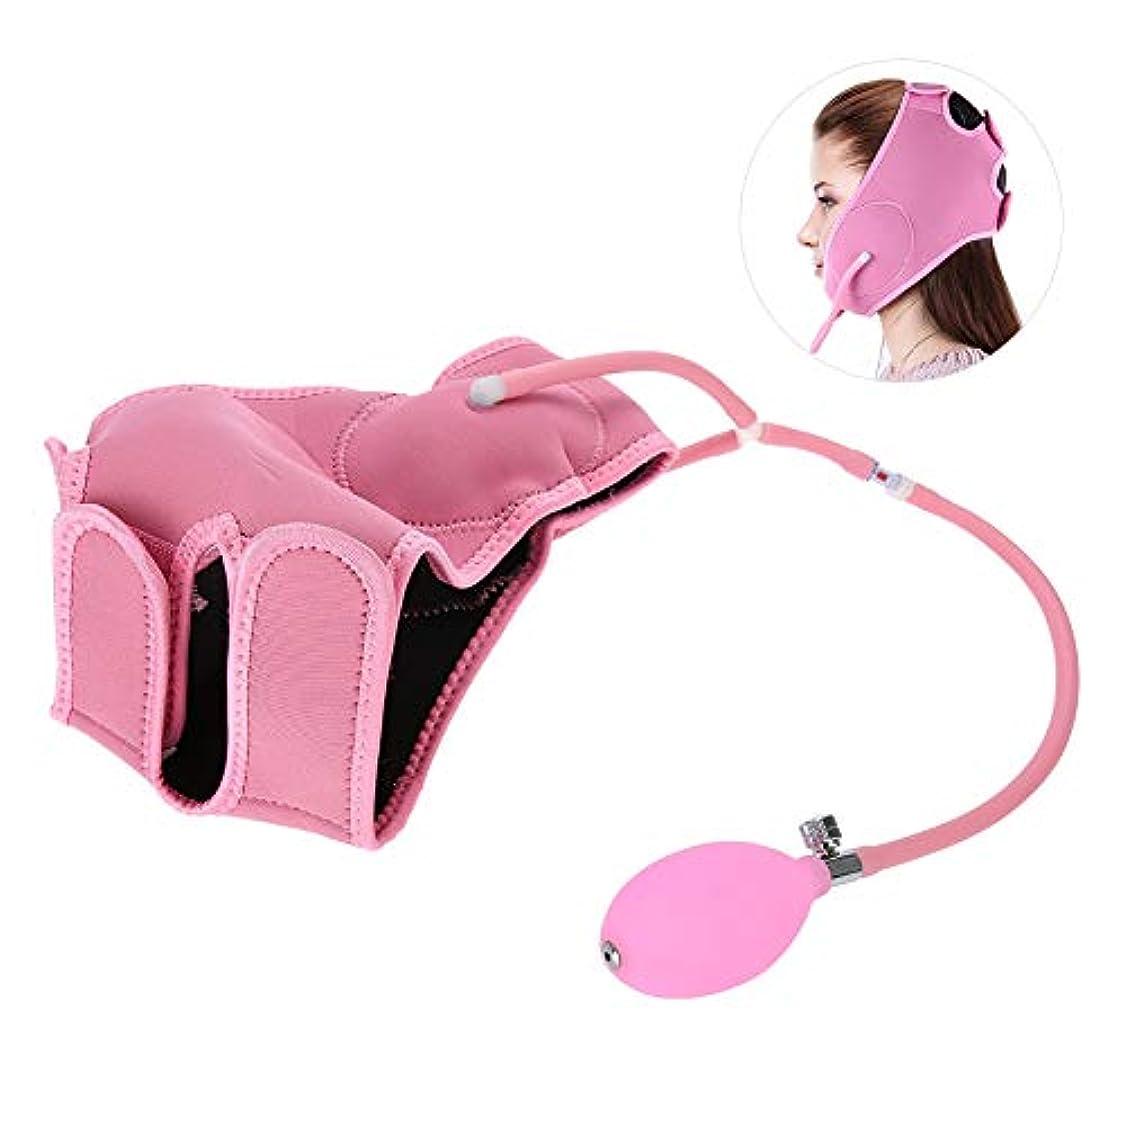 名前で集める劇的エアバッグフェイシャルマスク - フェイスマッサージベルト - 包帯/薄いフェイスベルト - 美容ツールピンク